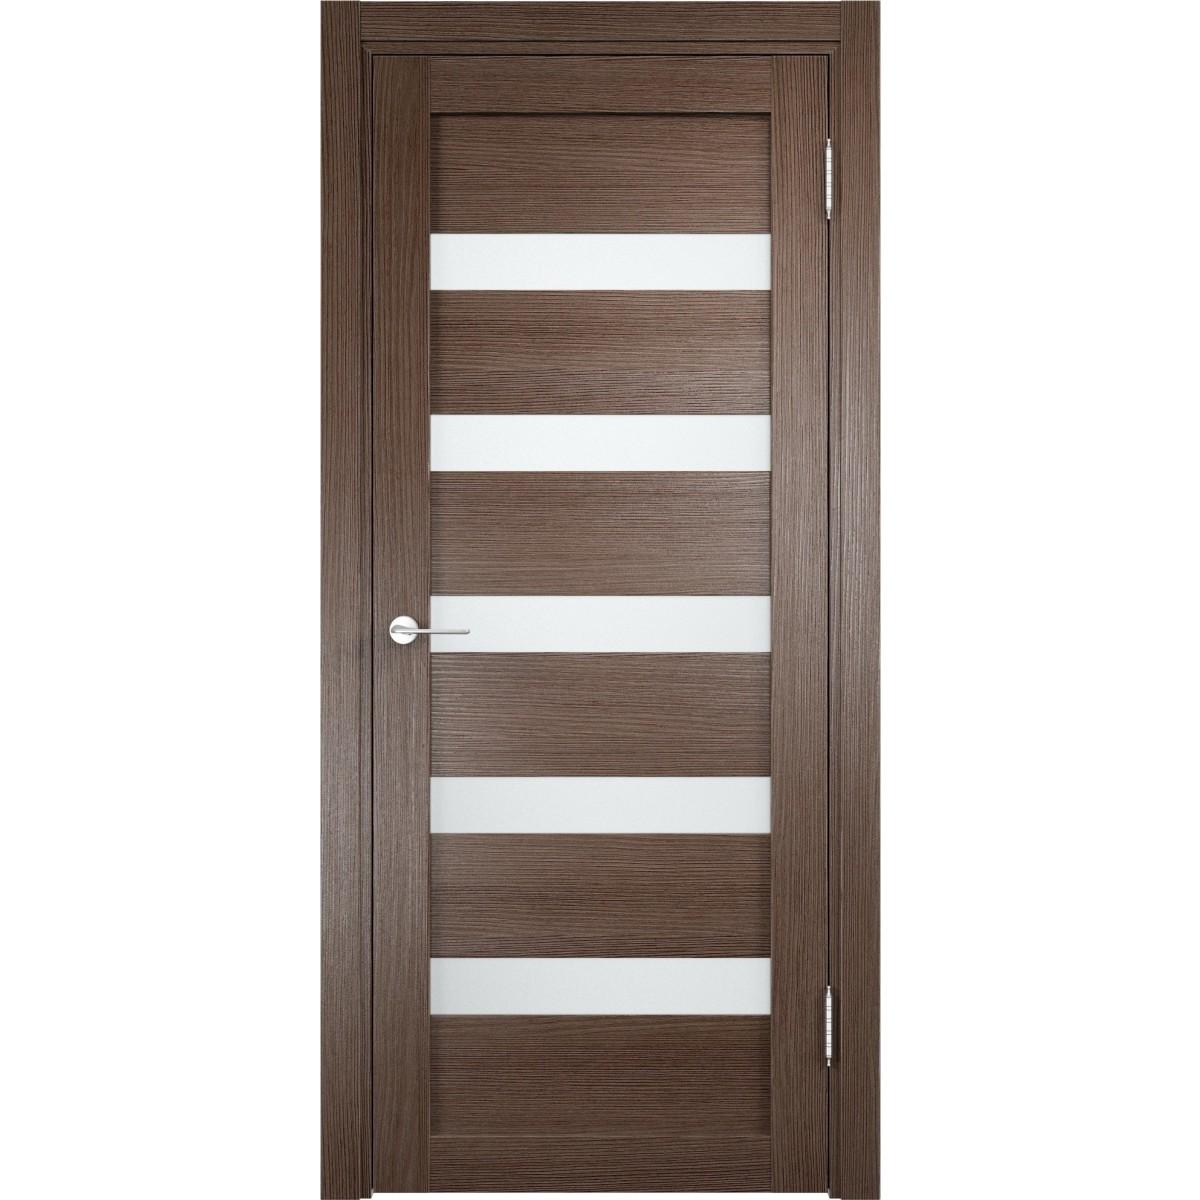 Дверь межкомнатная остеклённая Ницца 90x200 см ПВХ цвет дуб неаполь с фурнитурой